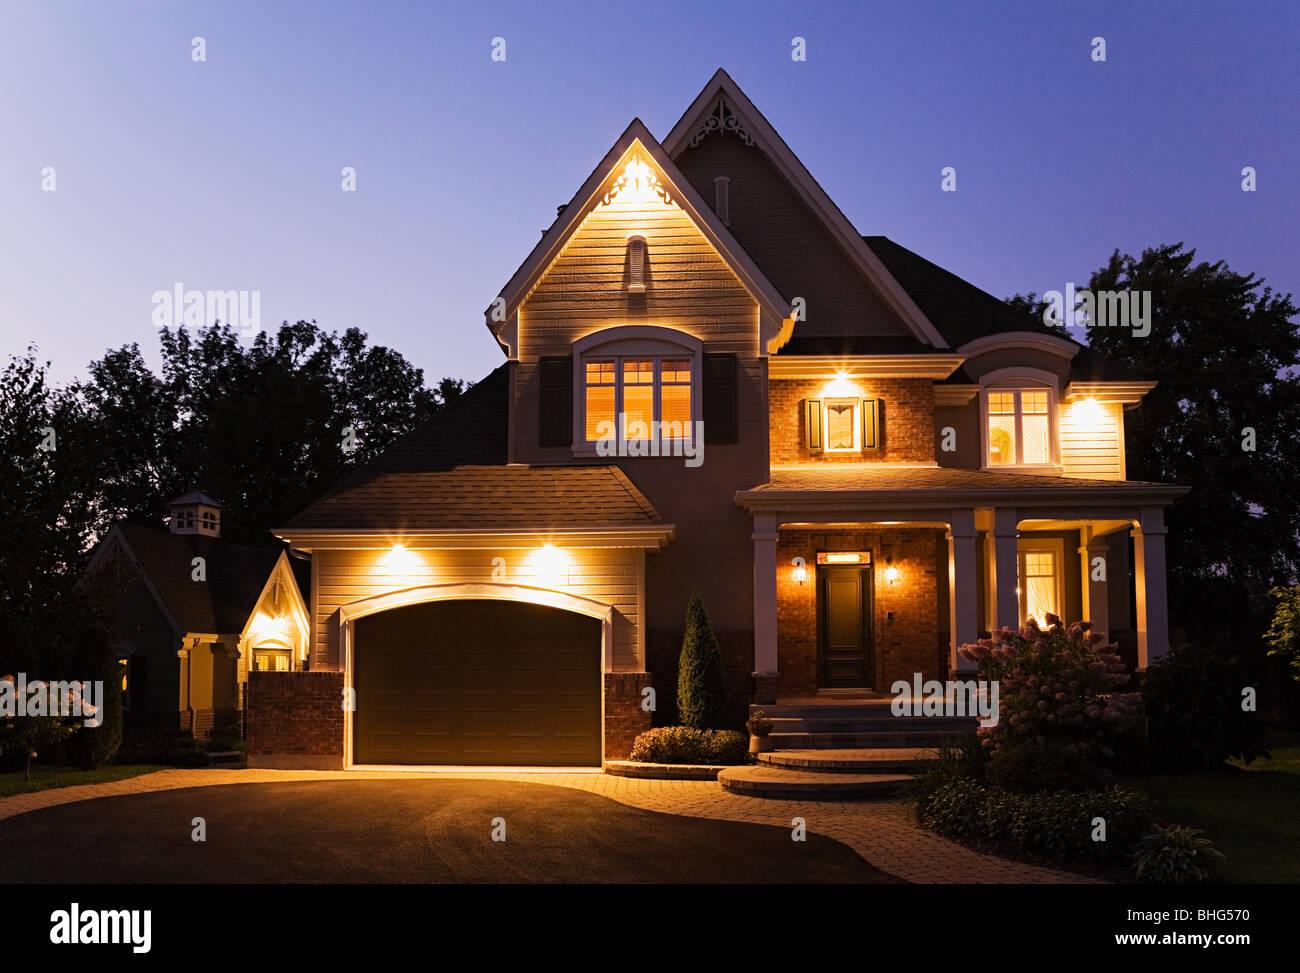 Detached house illuminated - Stock Image